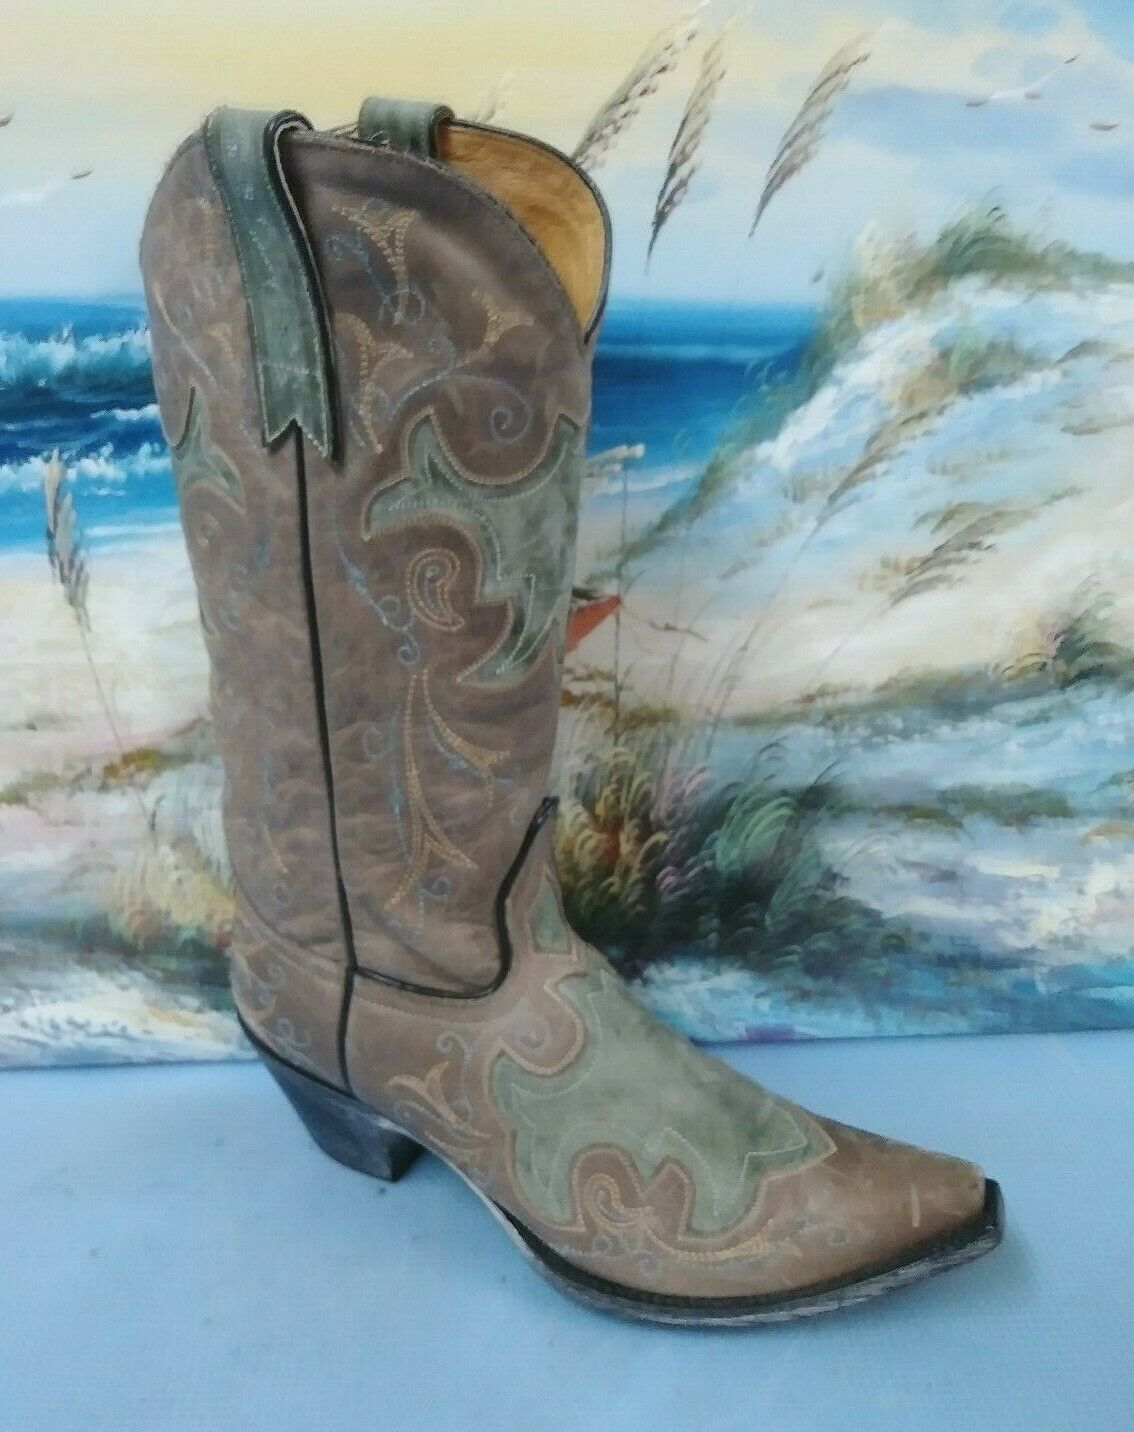 Sterling Río Bordado marrón botas De Vaquero Estilo De Cuero Para Mujer B 7.5 68915